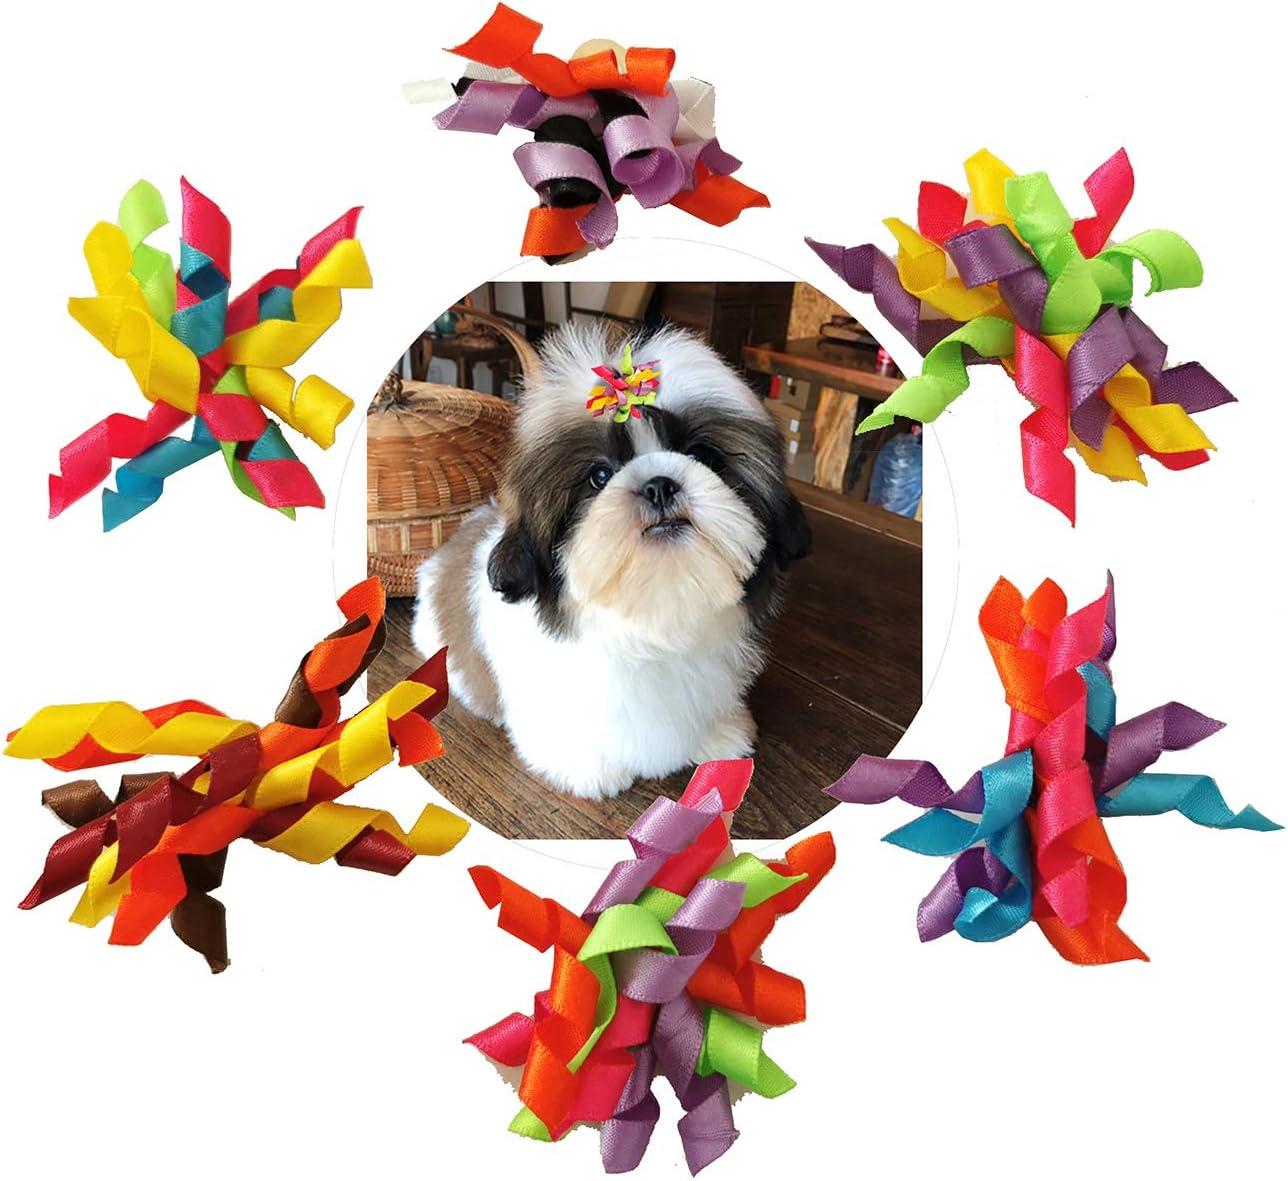 BIPY Collares para Perros pequeños y medianos, Accesorios de fijación, Lazos de Flores, Colgantes Decorativos para Mascotas, Gatos, Cachorros, Gatitos, Disfraces de Aseo, Paquete de 12 Pares